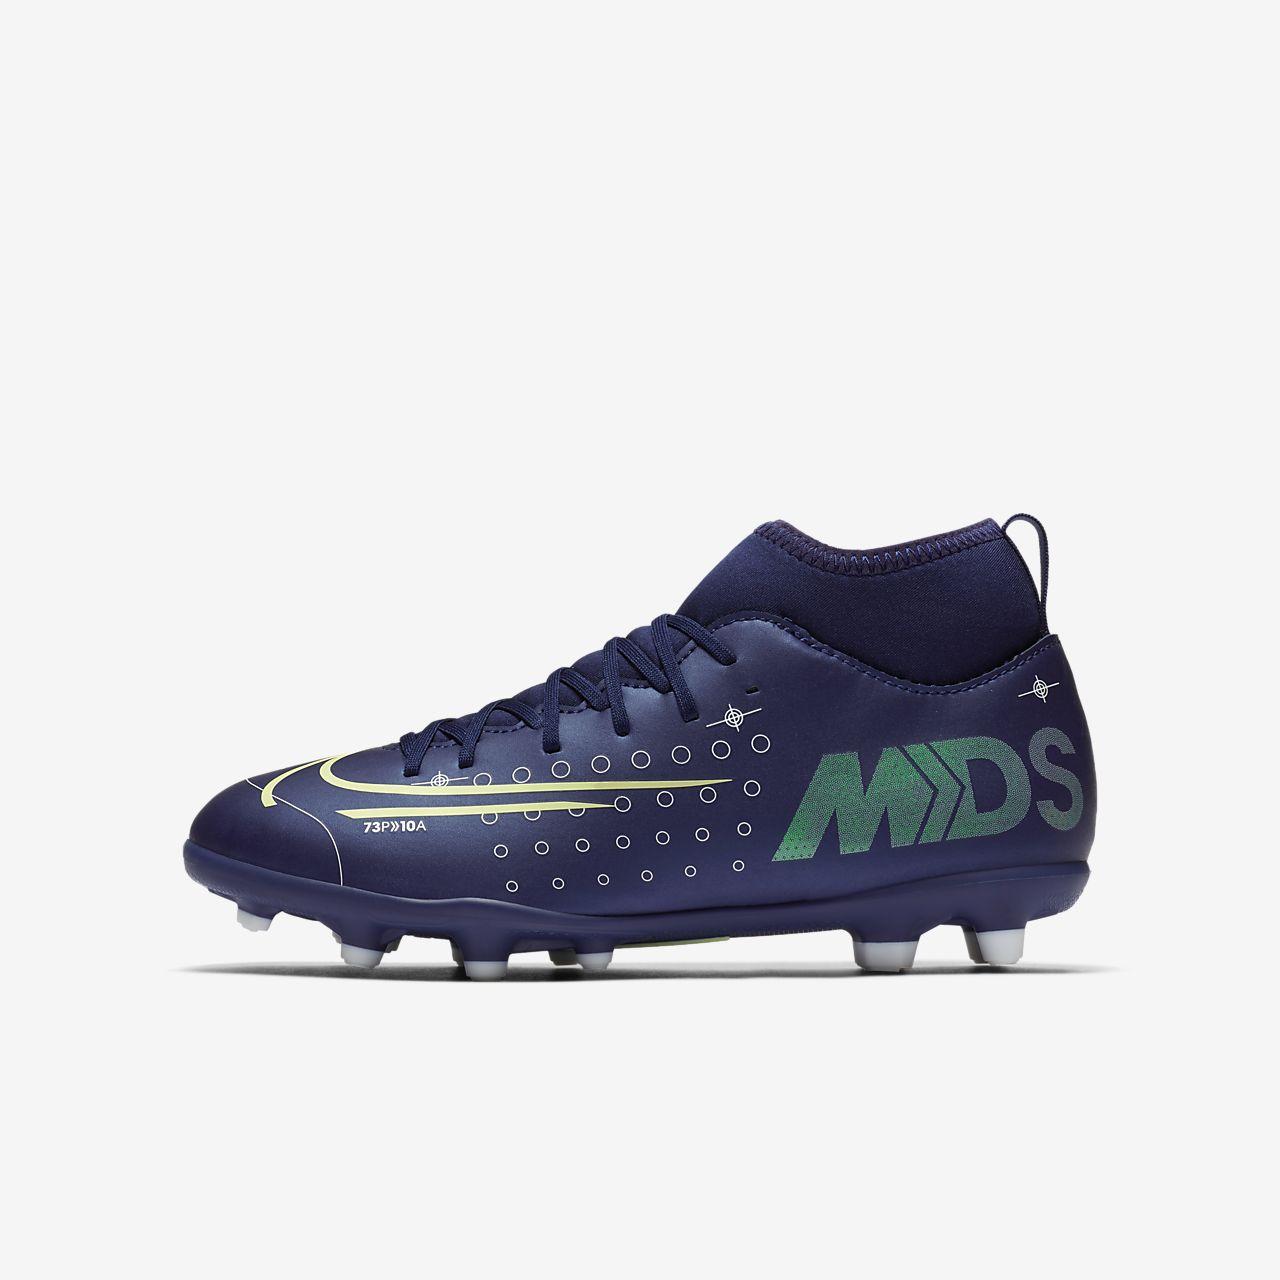 รองเท้าสตั๊ดฟุตบอลเด็กเล็ก/โตสำหรับพื้นหลายประเภท Nike Jr. Mercurial Superfly 7 Club MDS MG